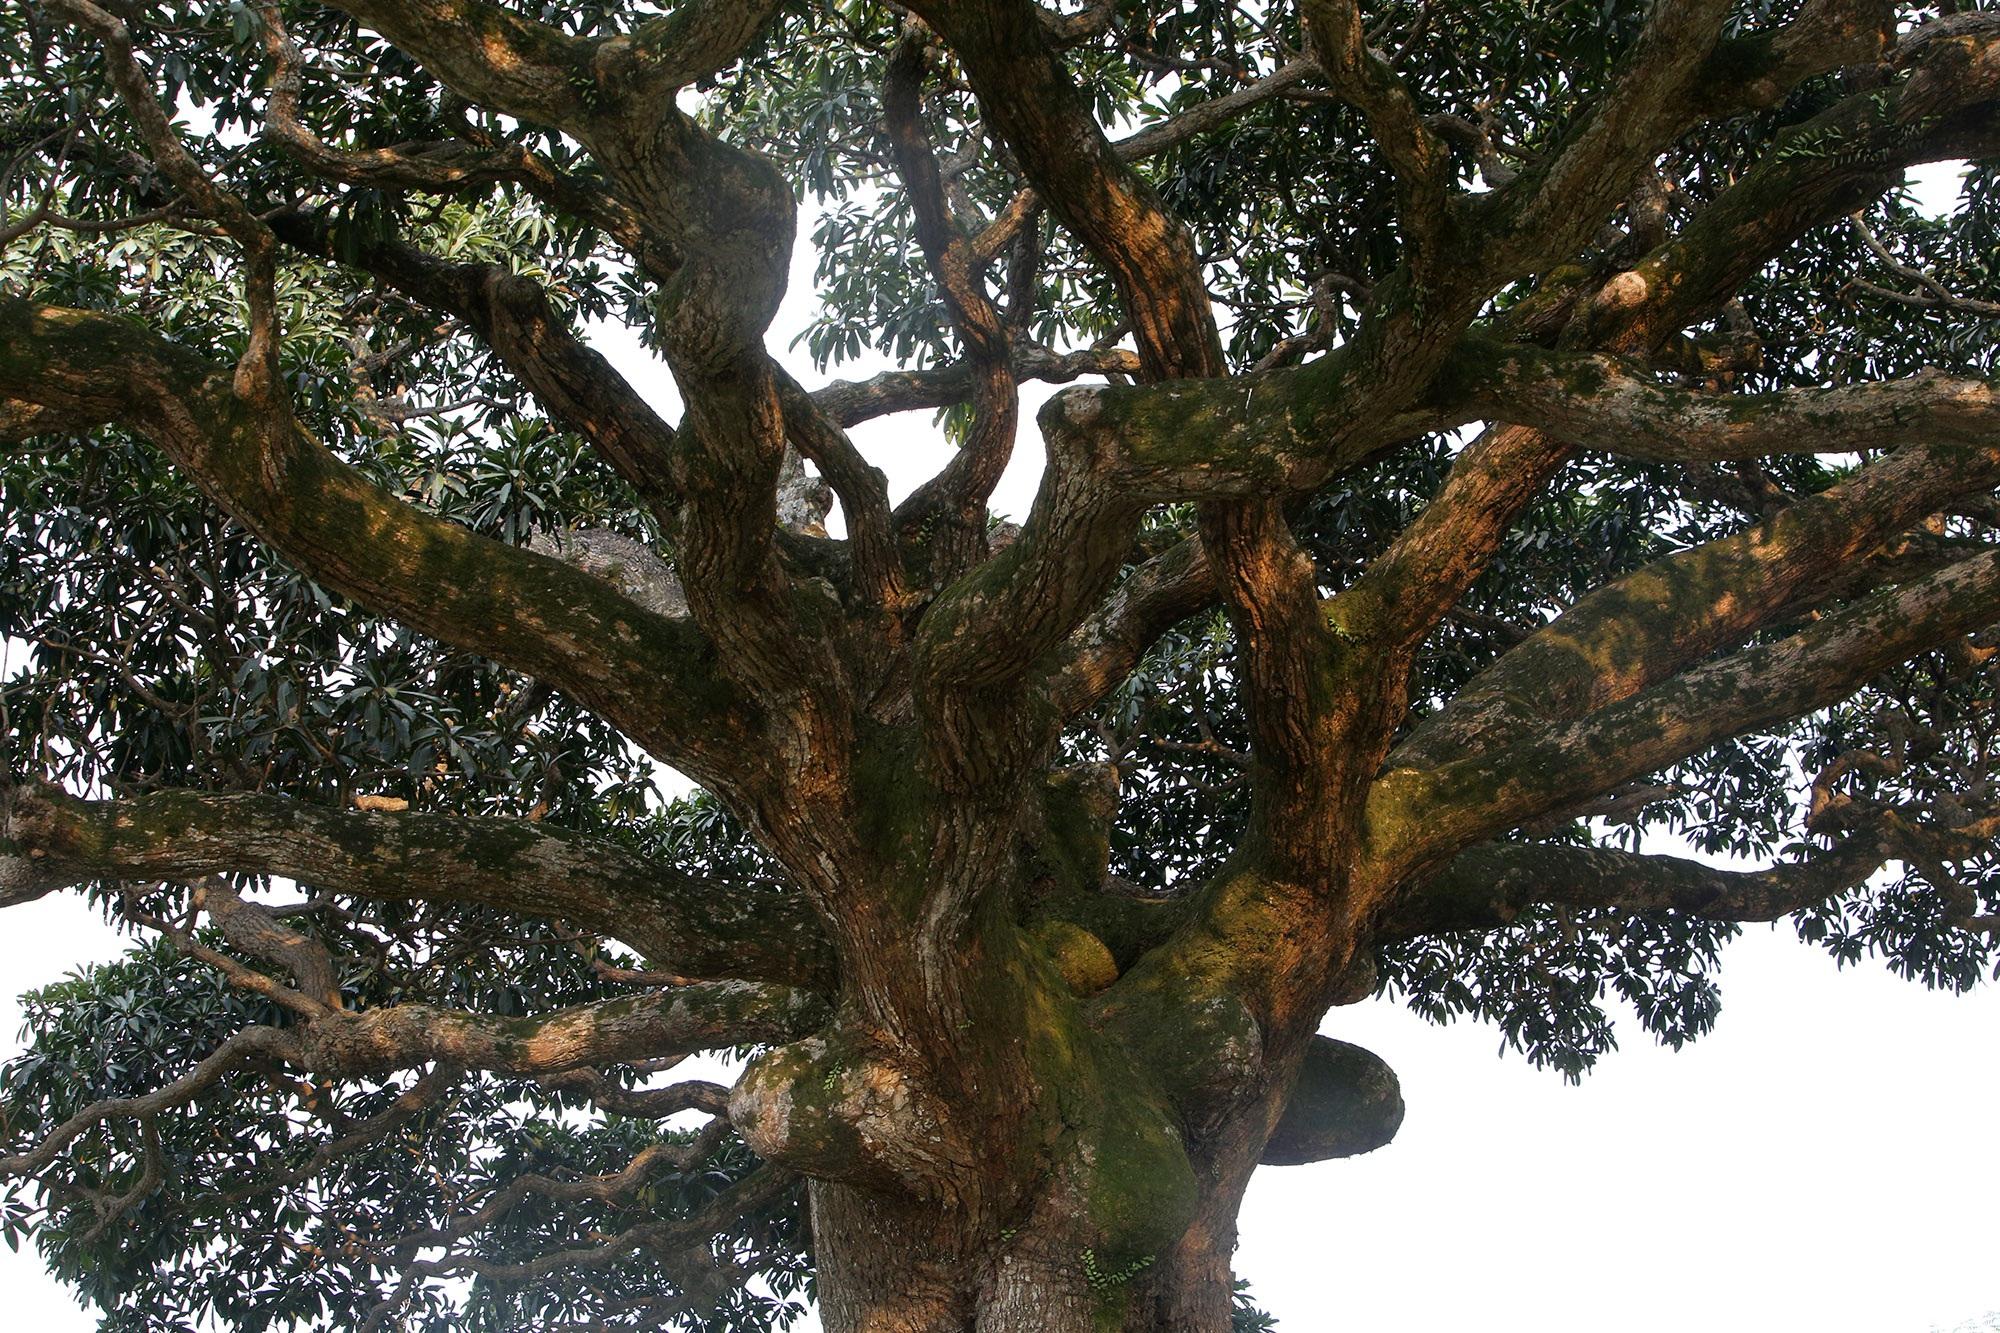 Hà Nội: Cây trôi cô đơn nghìn năm tuổi, báu vật của làng Bình Đà - 4